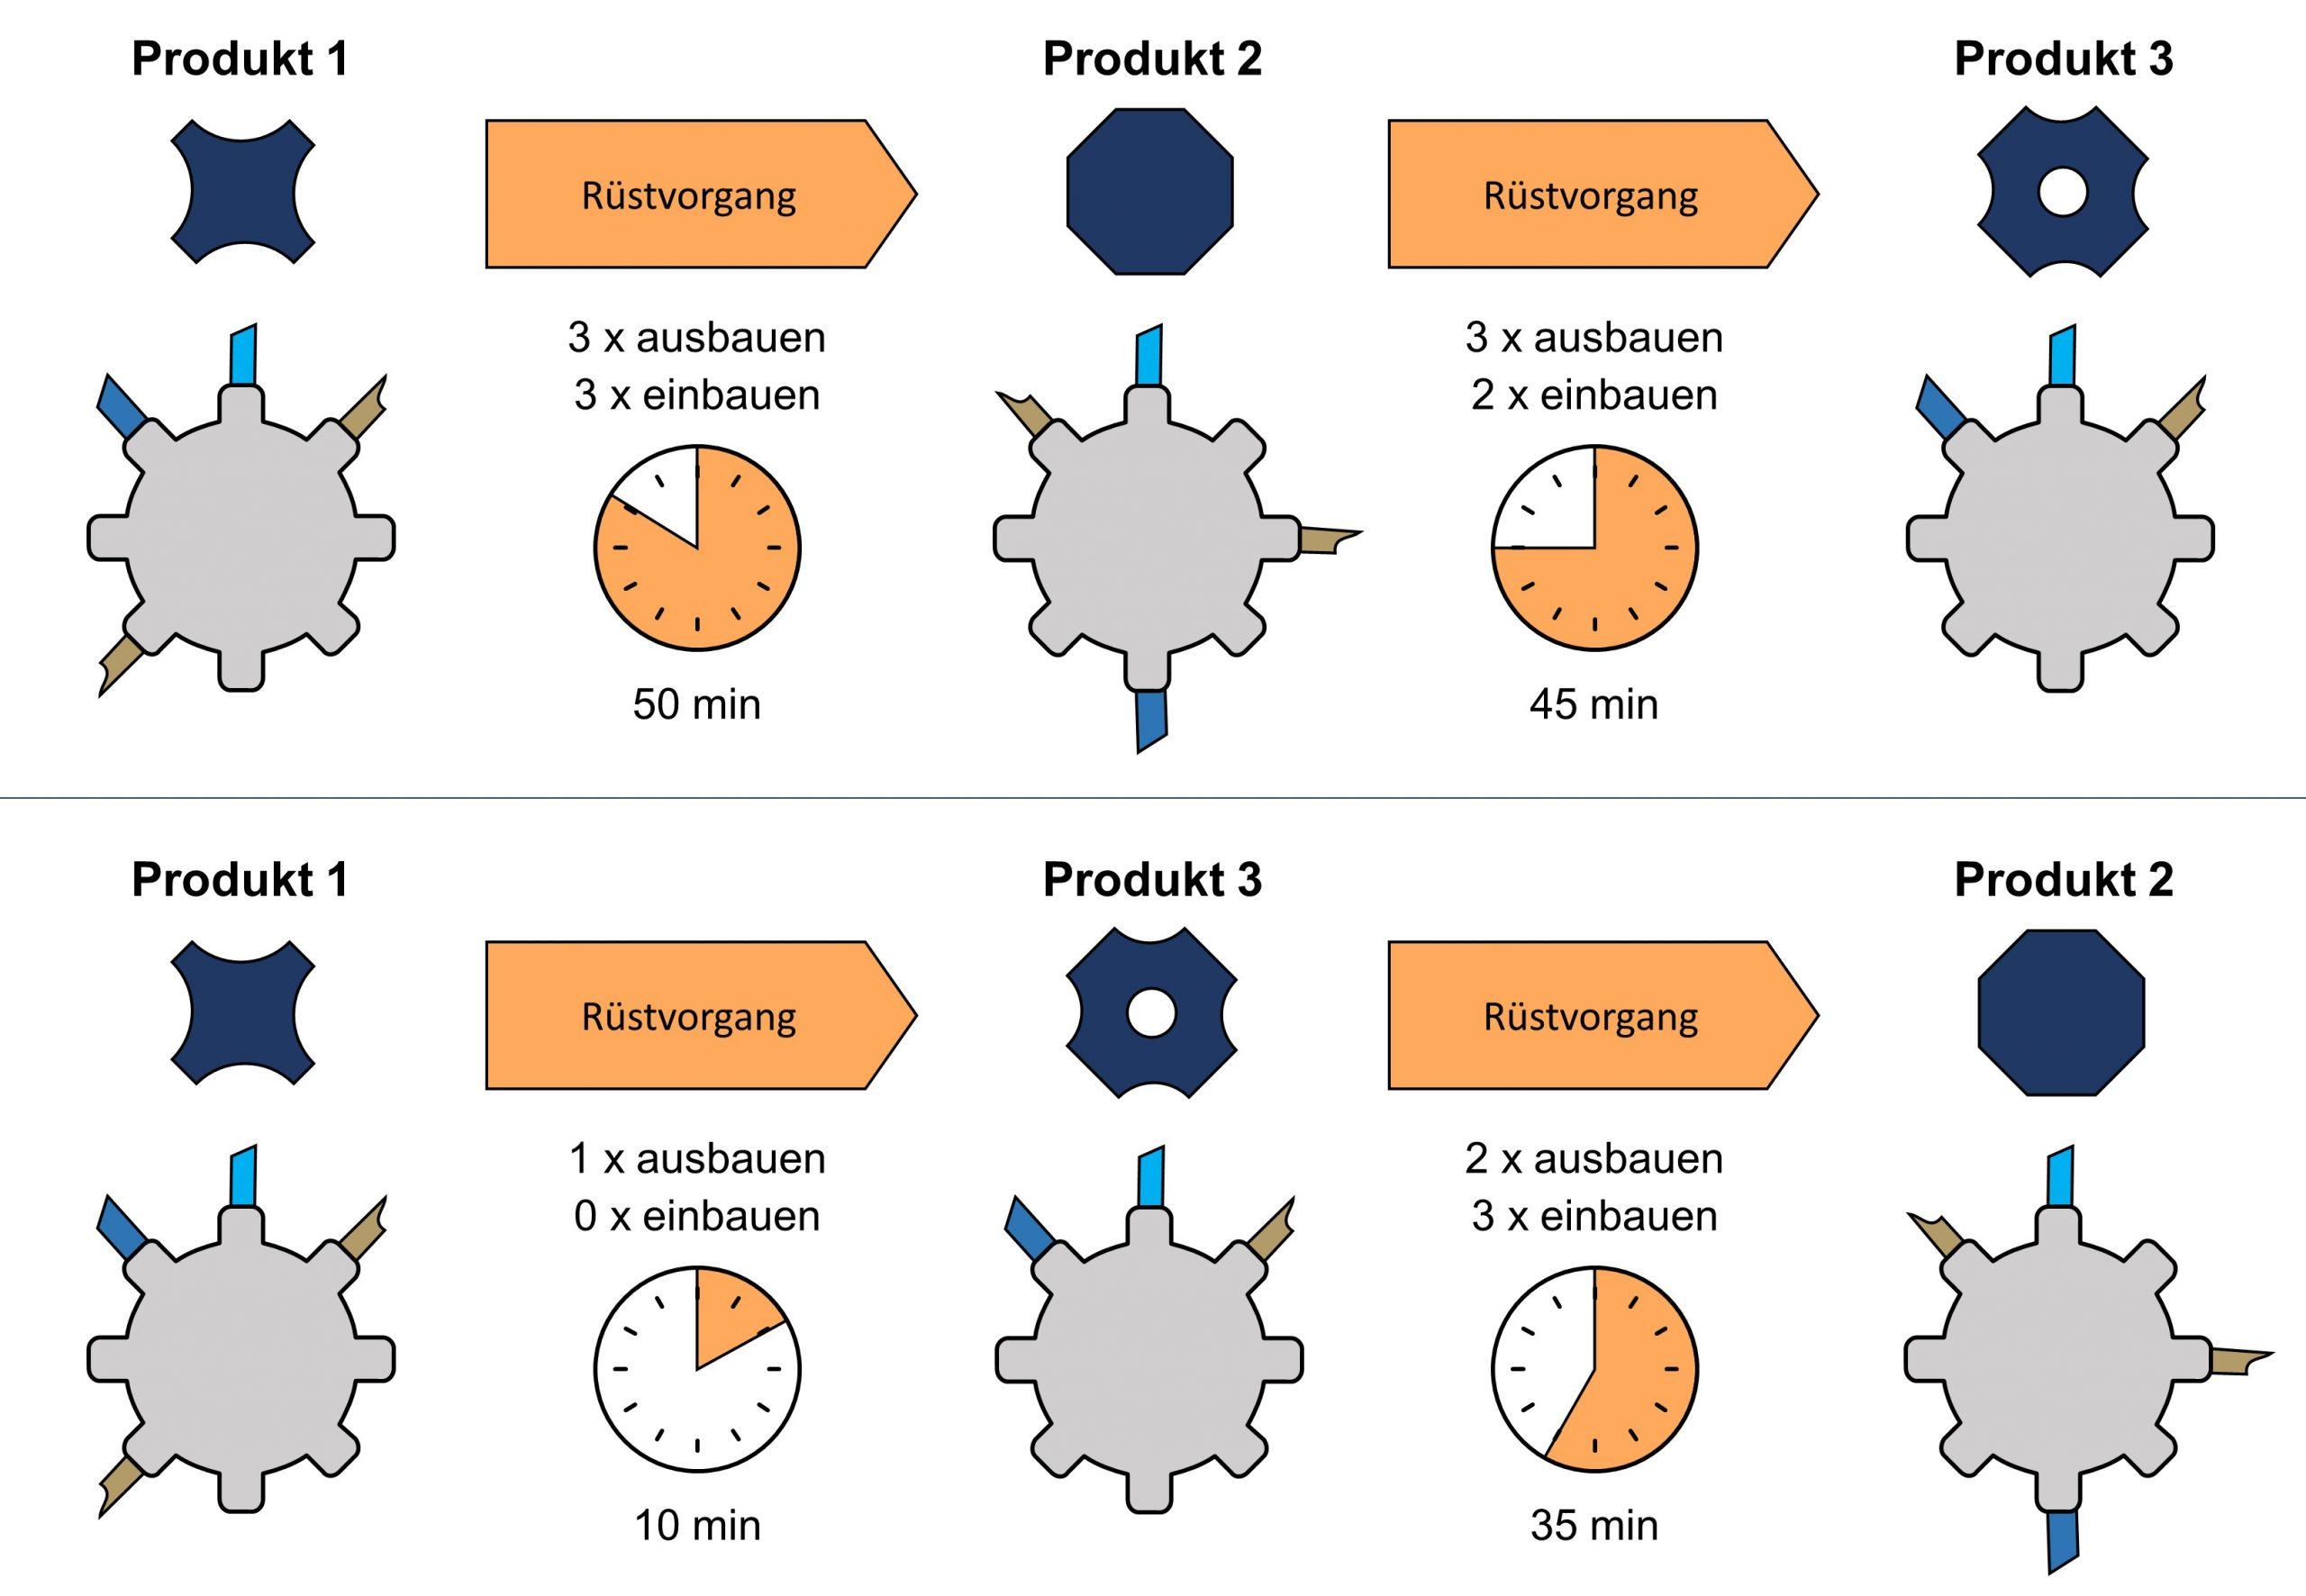 Die Dauer der einzelnen Rüstvorgänge ist stark von der Produktionsreihenfolge abhängig. Durch einen Abgleich von Rüstparametern der anstehenden Produktionen ist es möglich, die Reihenfolge zeitoptimiert zu verändern. (Bild: Anacision Gmbh)